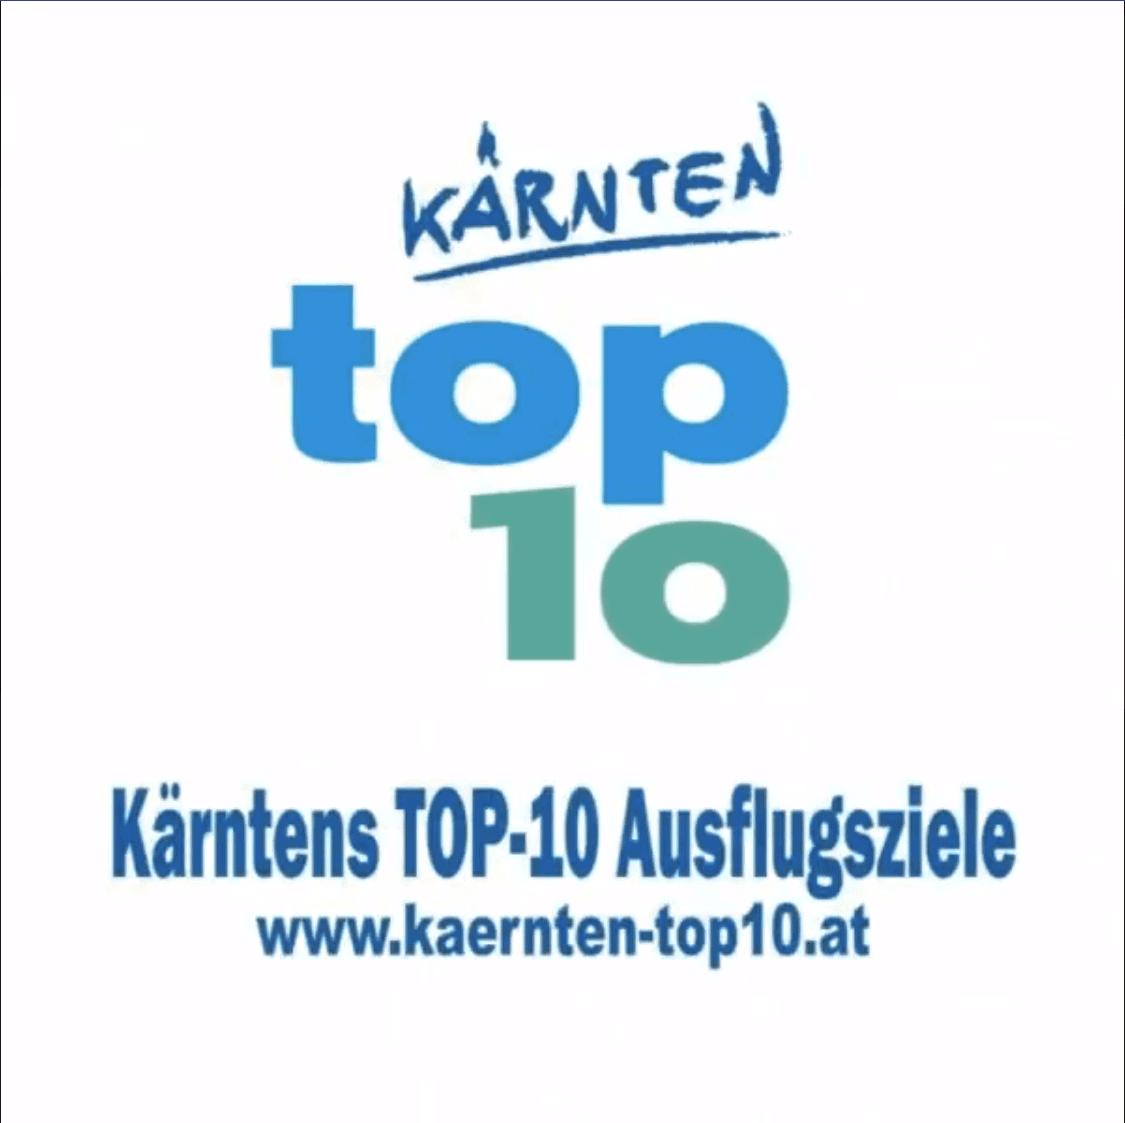 Kärntens TOP 10 Ausflugsziele und Sehenswürdigkeiten für Klagenfurt - Logo und Info